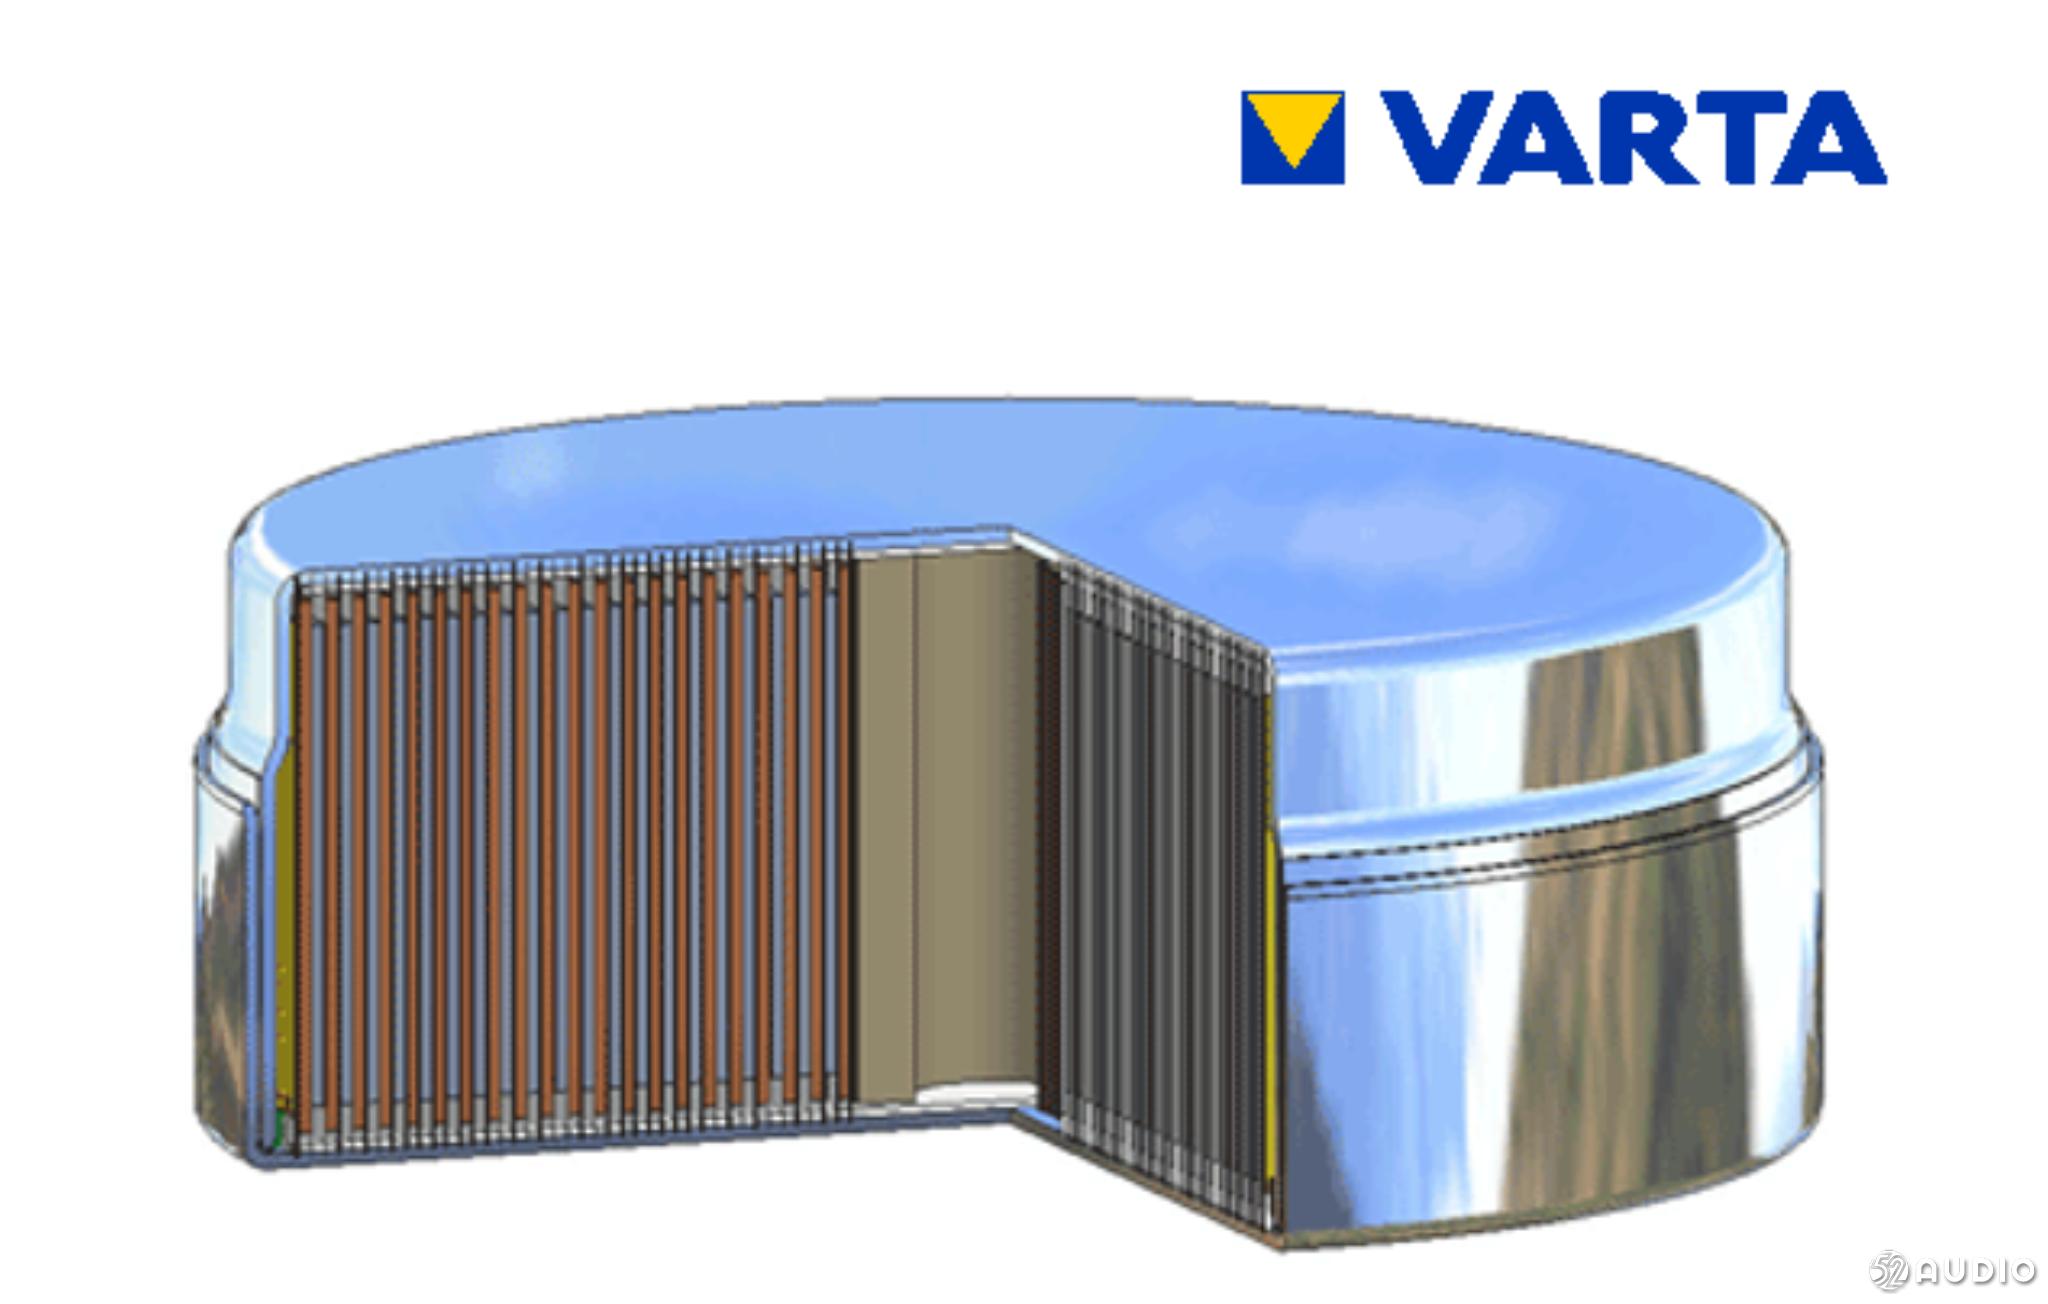 扣式电池领导者VARTA是如何拿下三星、索尼、Bose、微软等大品牌TWS订单的?-我爱音频网